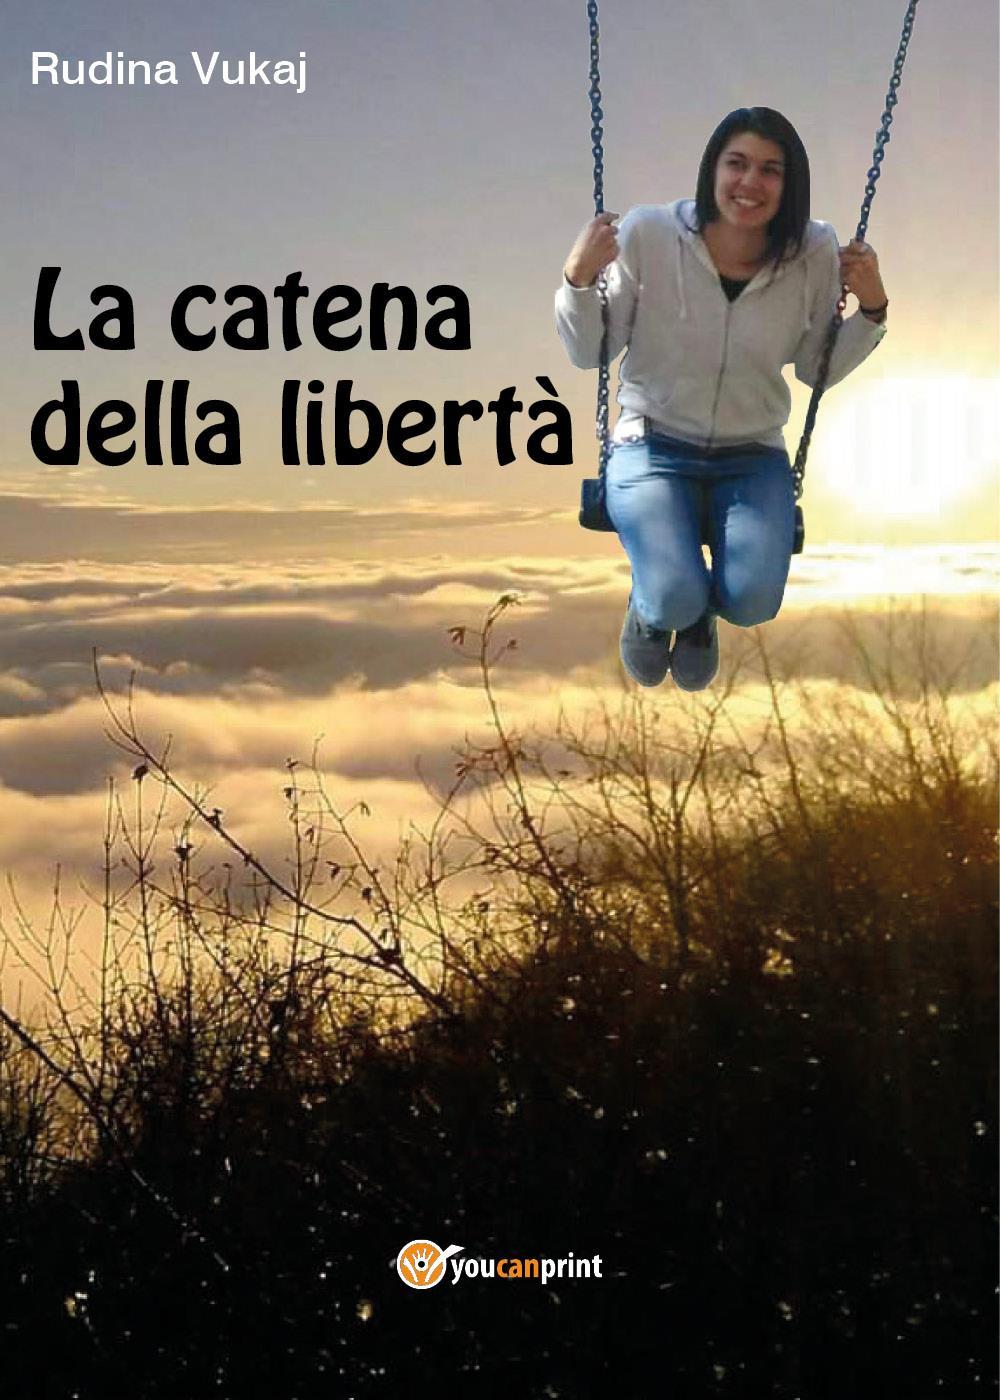 La catena della libertà